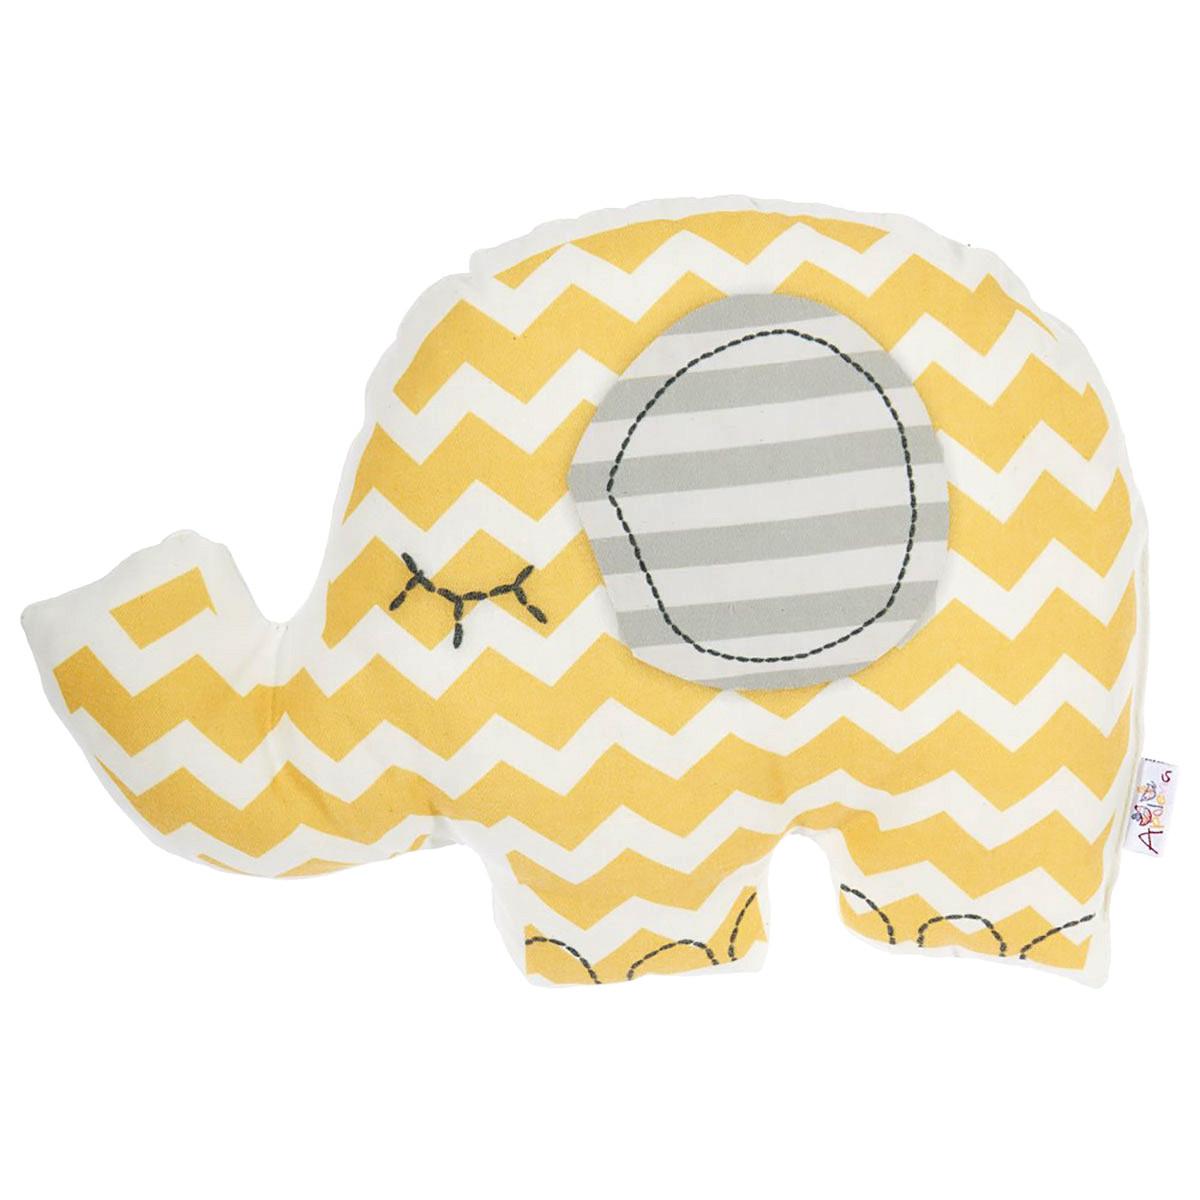 Διακοσμητικό Μαξιλάρι Apolena Ελέφαντας Κίτρινο